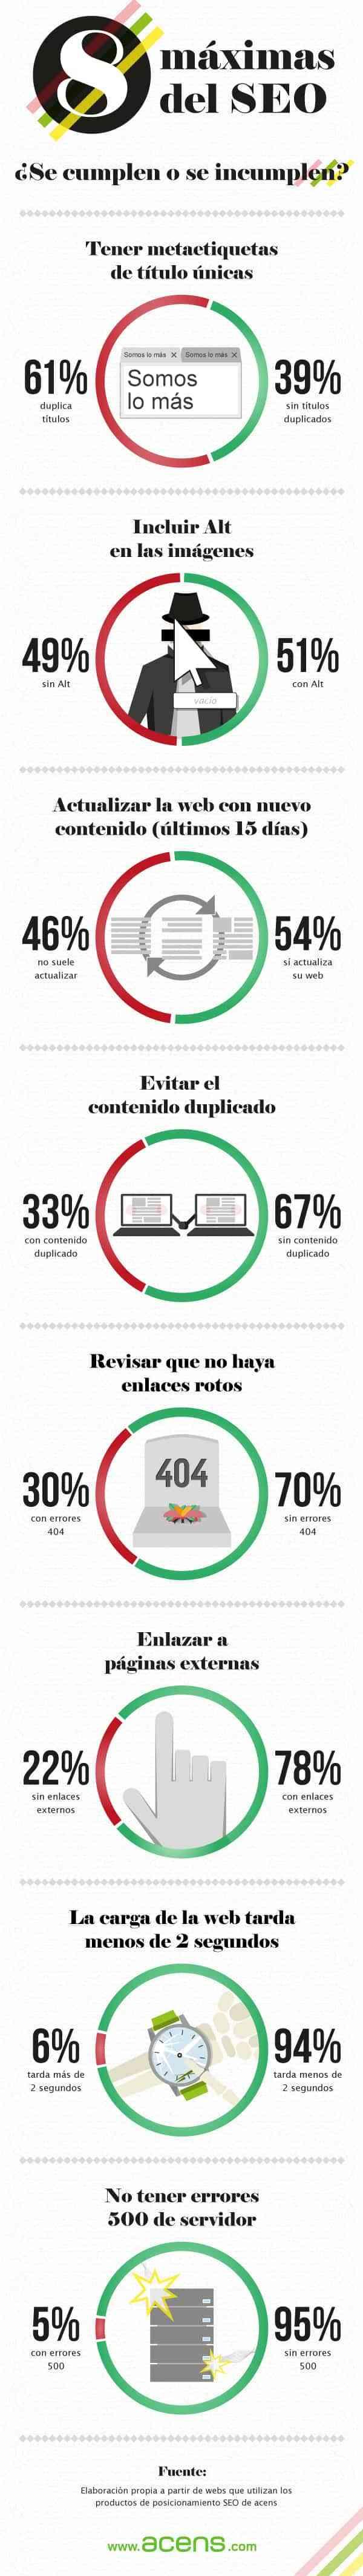 Infografía de 8 máximas del SEO